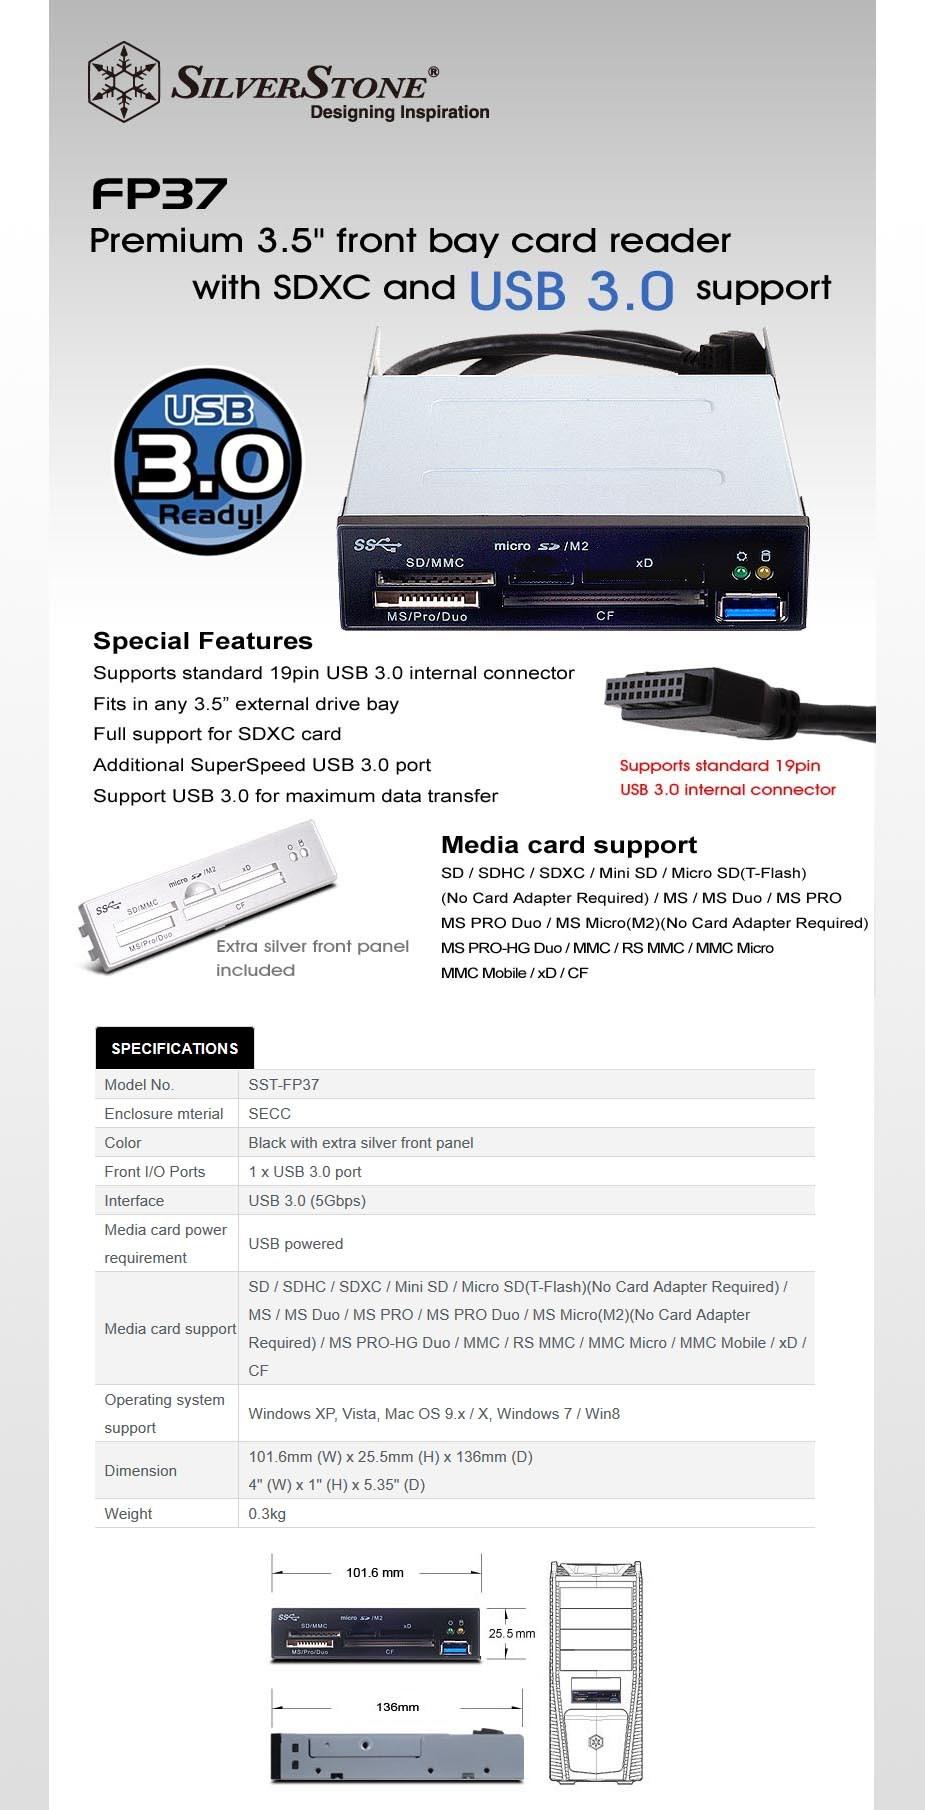 """SilverStone FP37 3.5"""" Front Bay Multi-Card Reader - Black - Desktop Overview 1"""